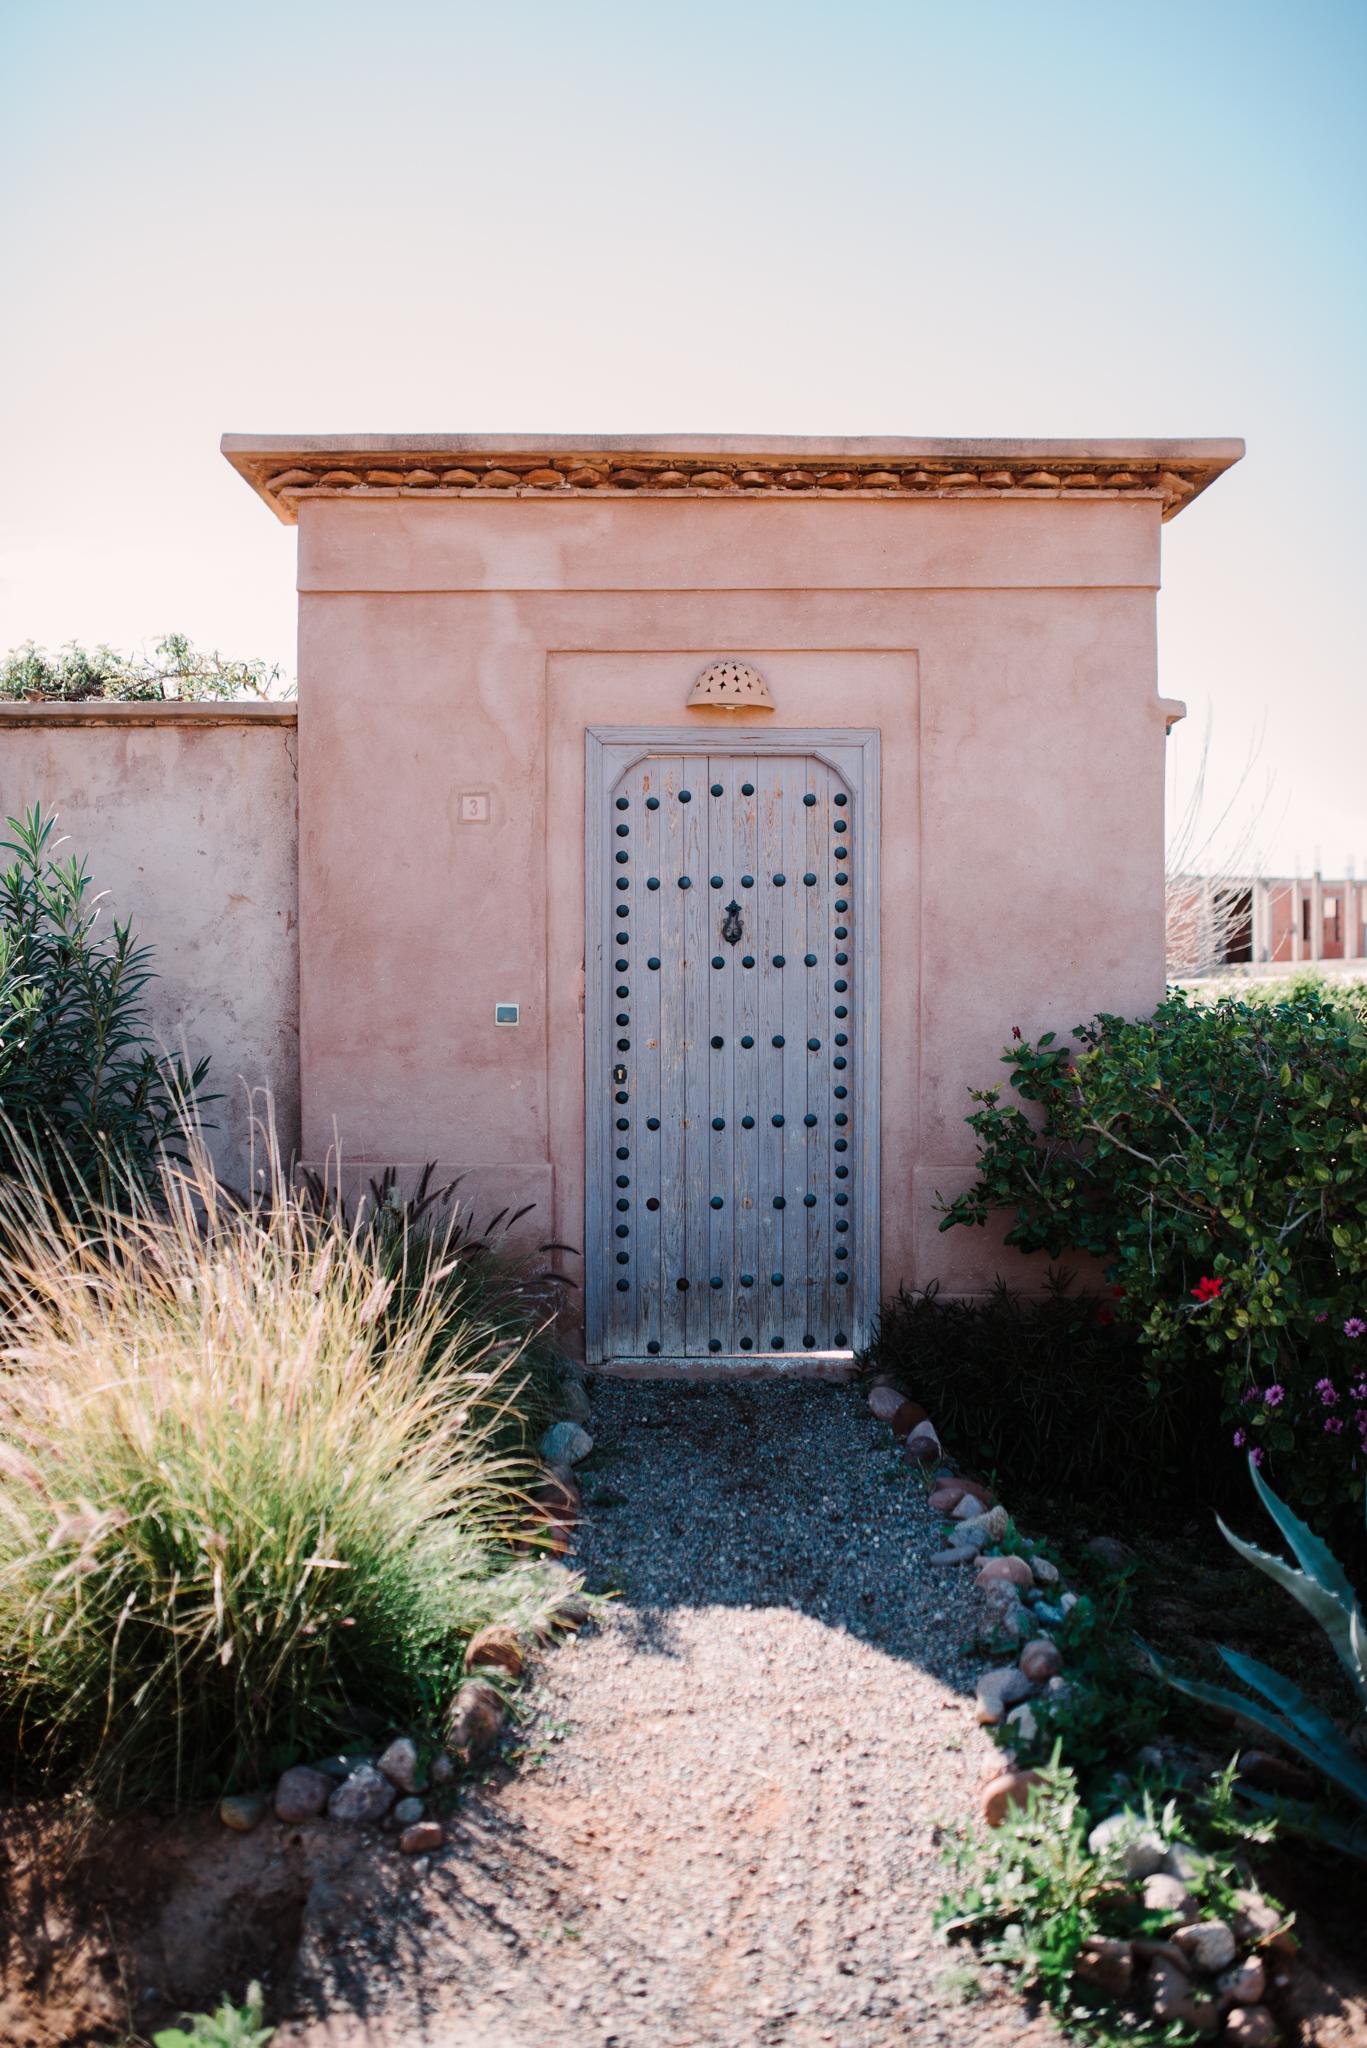 Anoukfotografeert Marokko reis-200